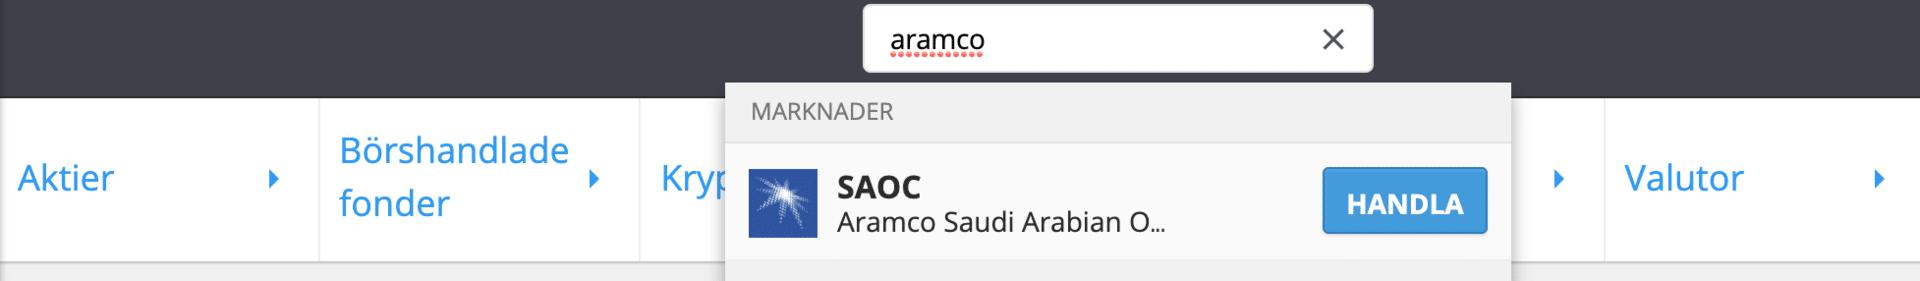 Sök efter Aramco aktie på eToro.